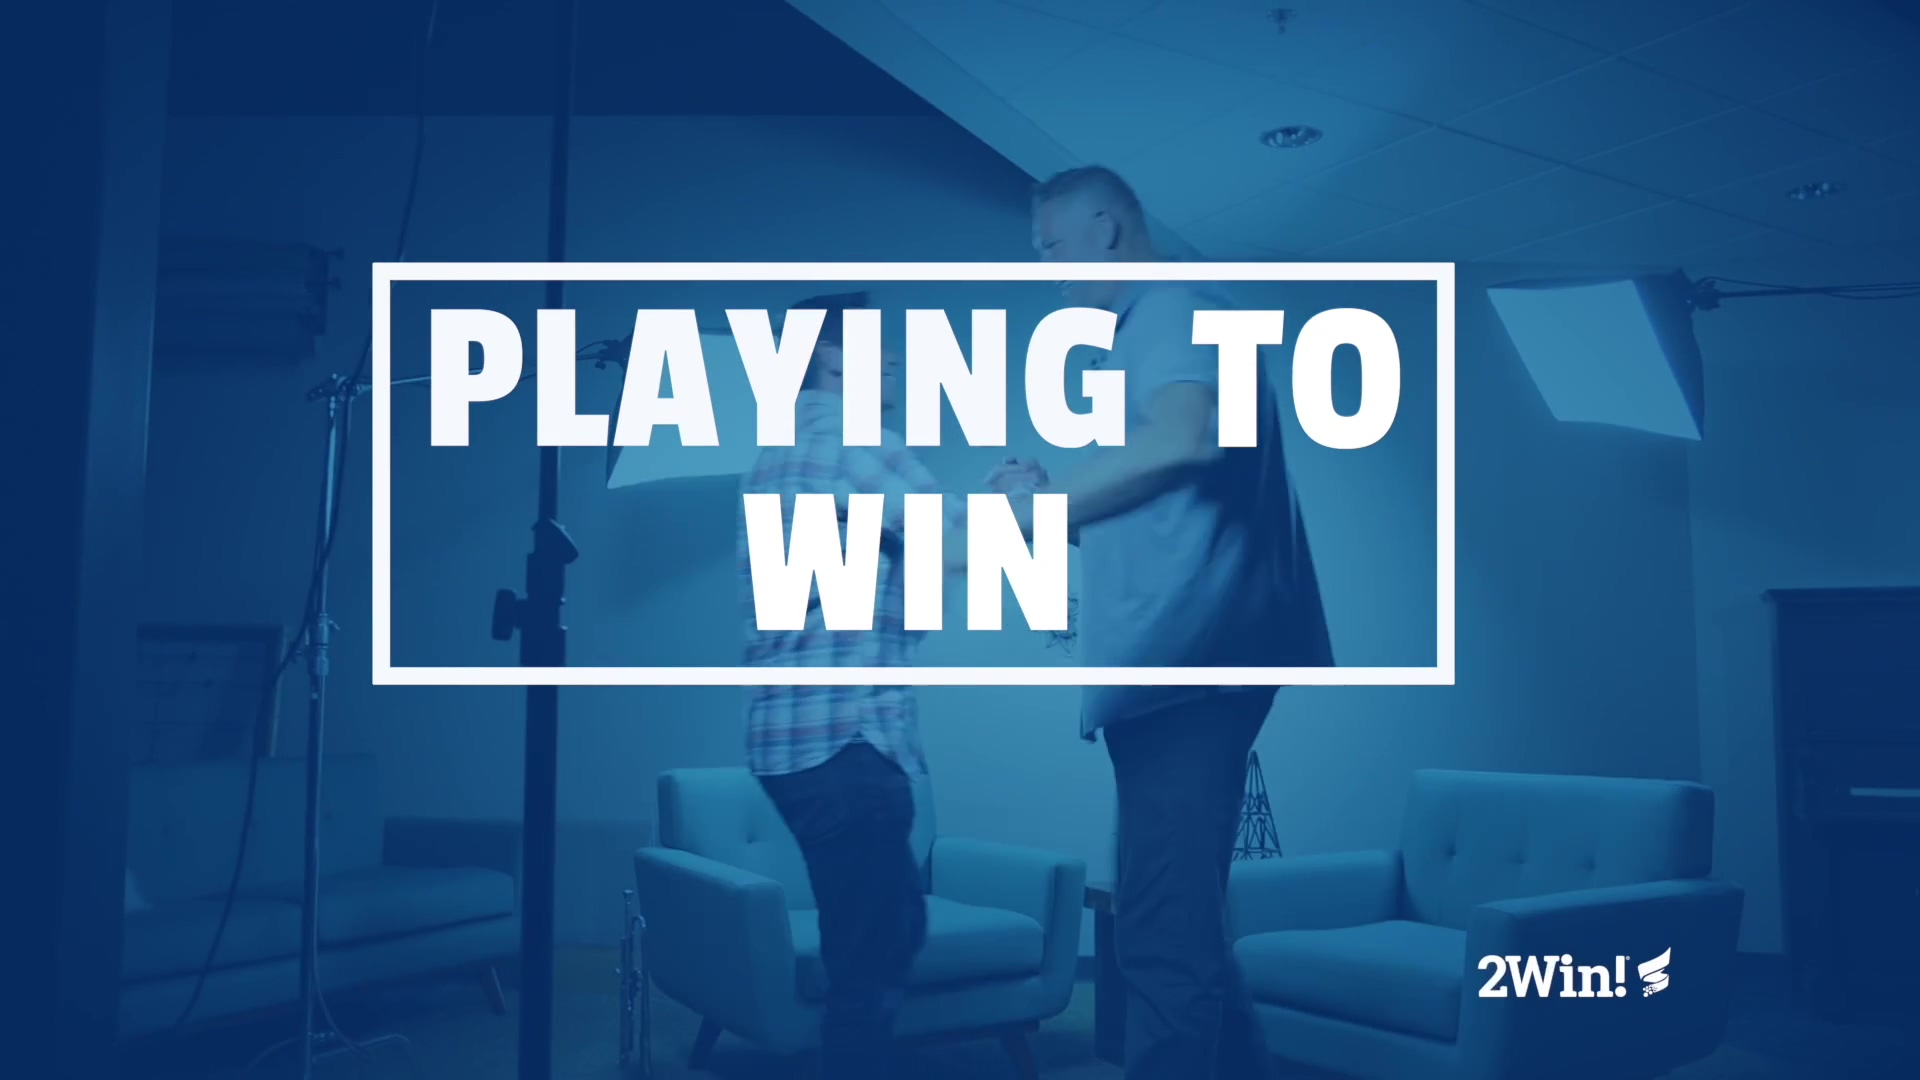 Playing to Win John-HD 1080p